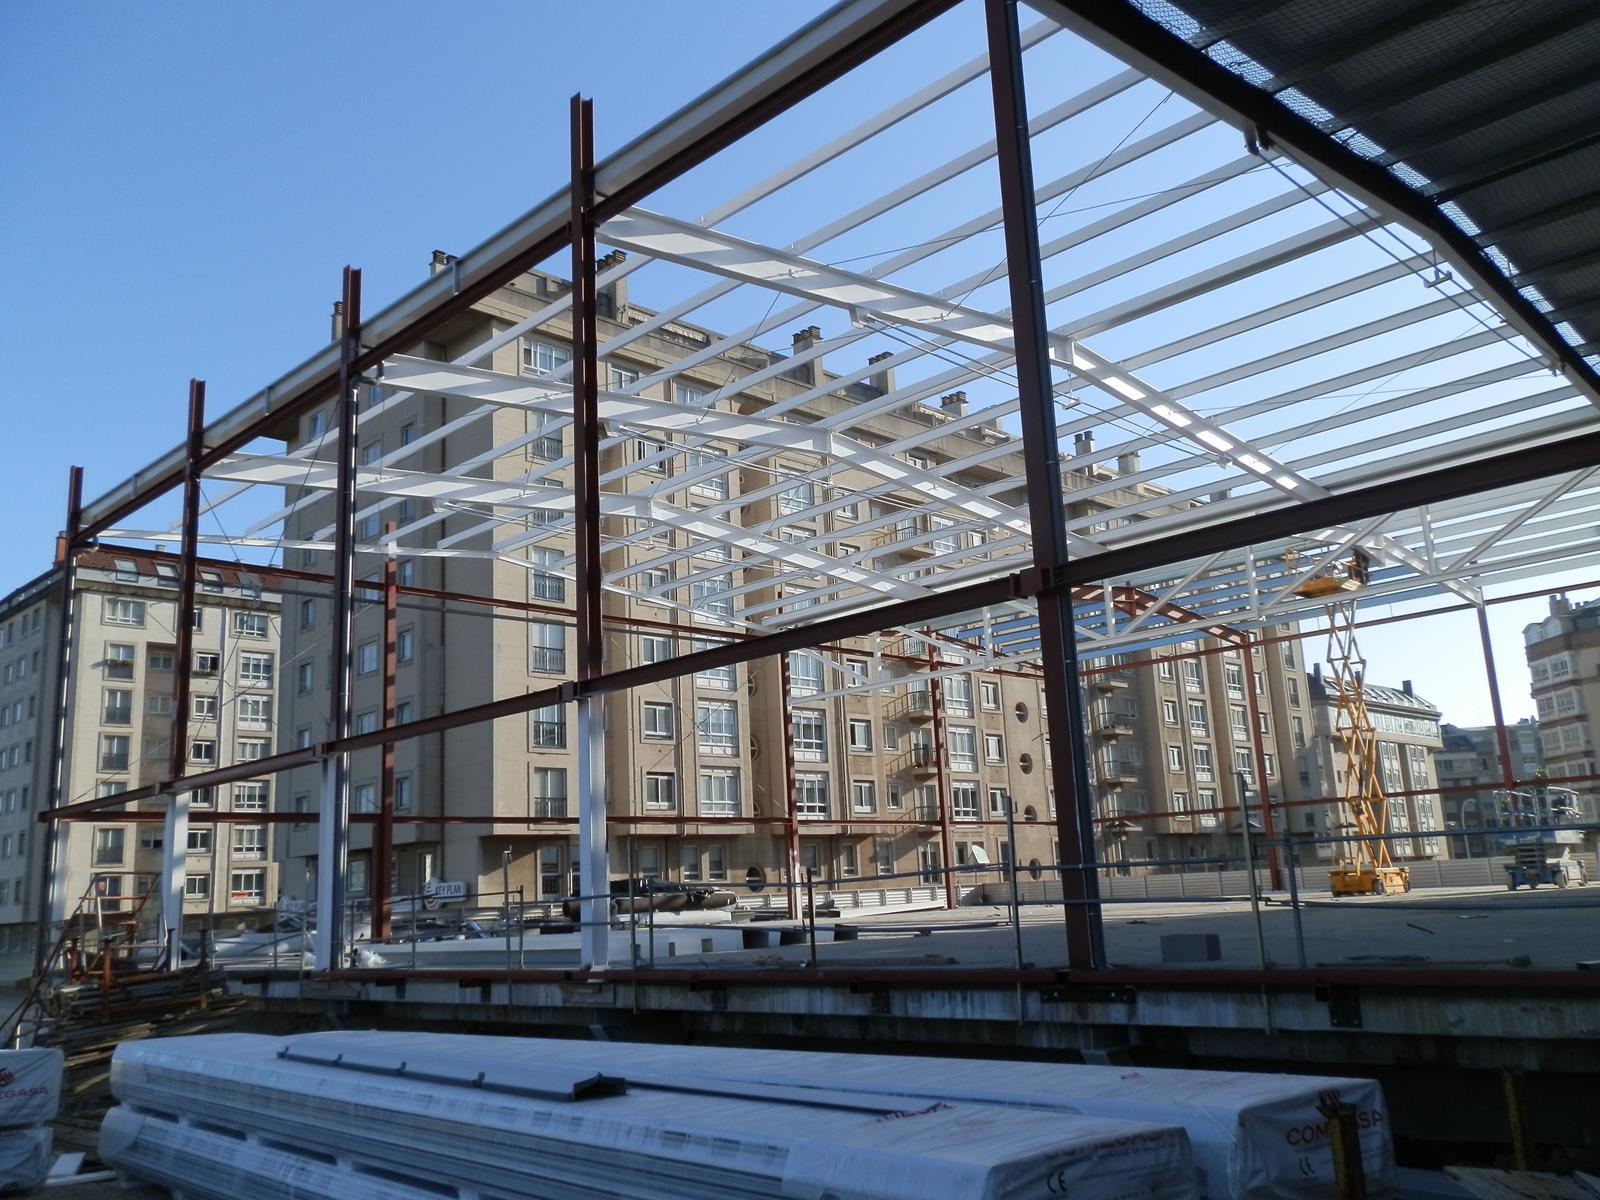 Cerchas metalicas para cubiertas imagen de la fachada - Cerchas metalicas para cubiertas ...